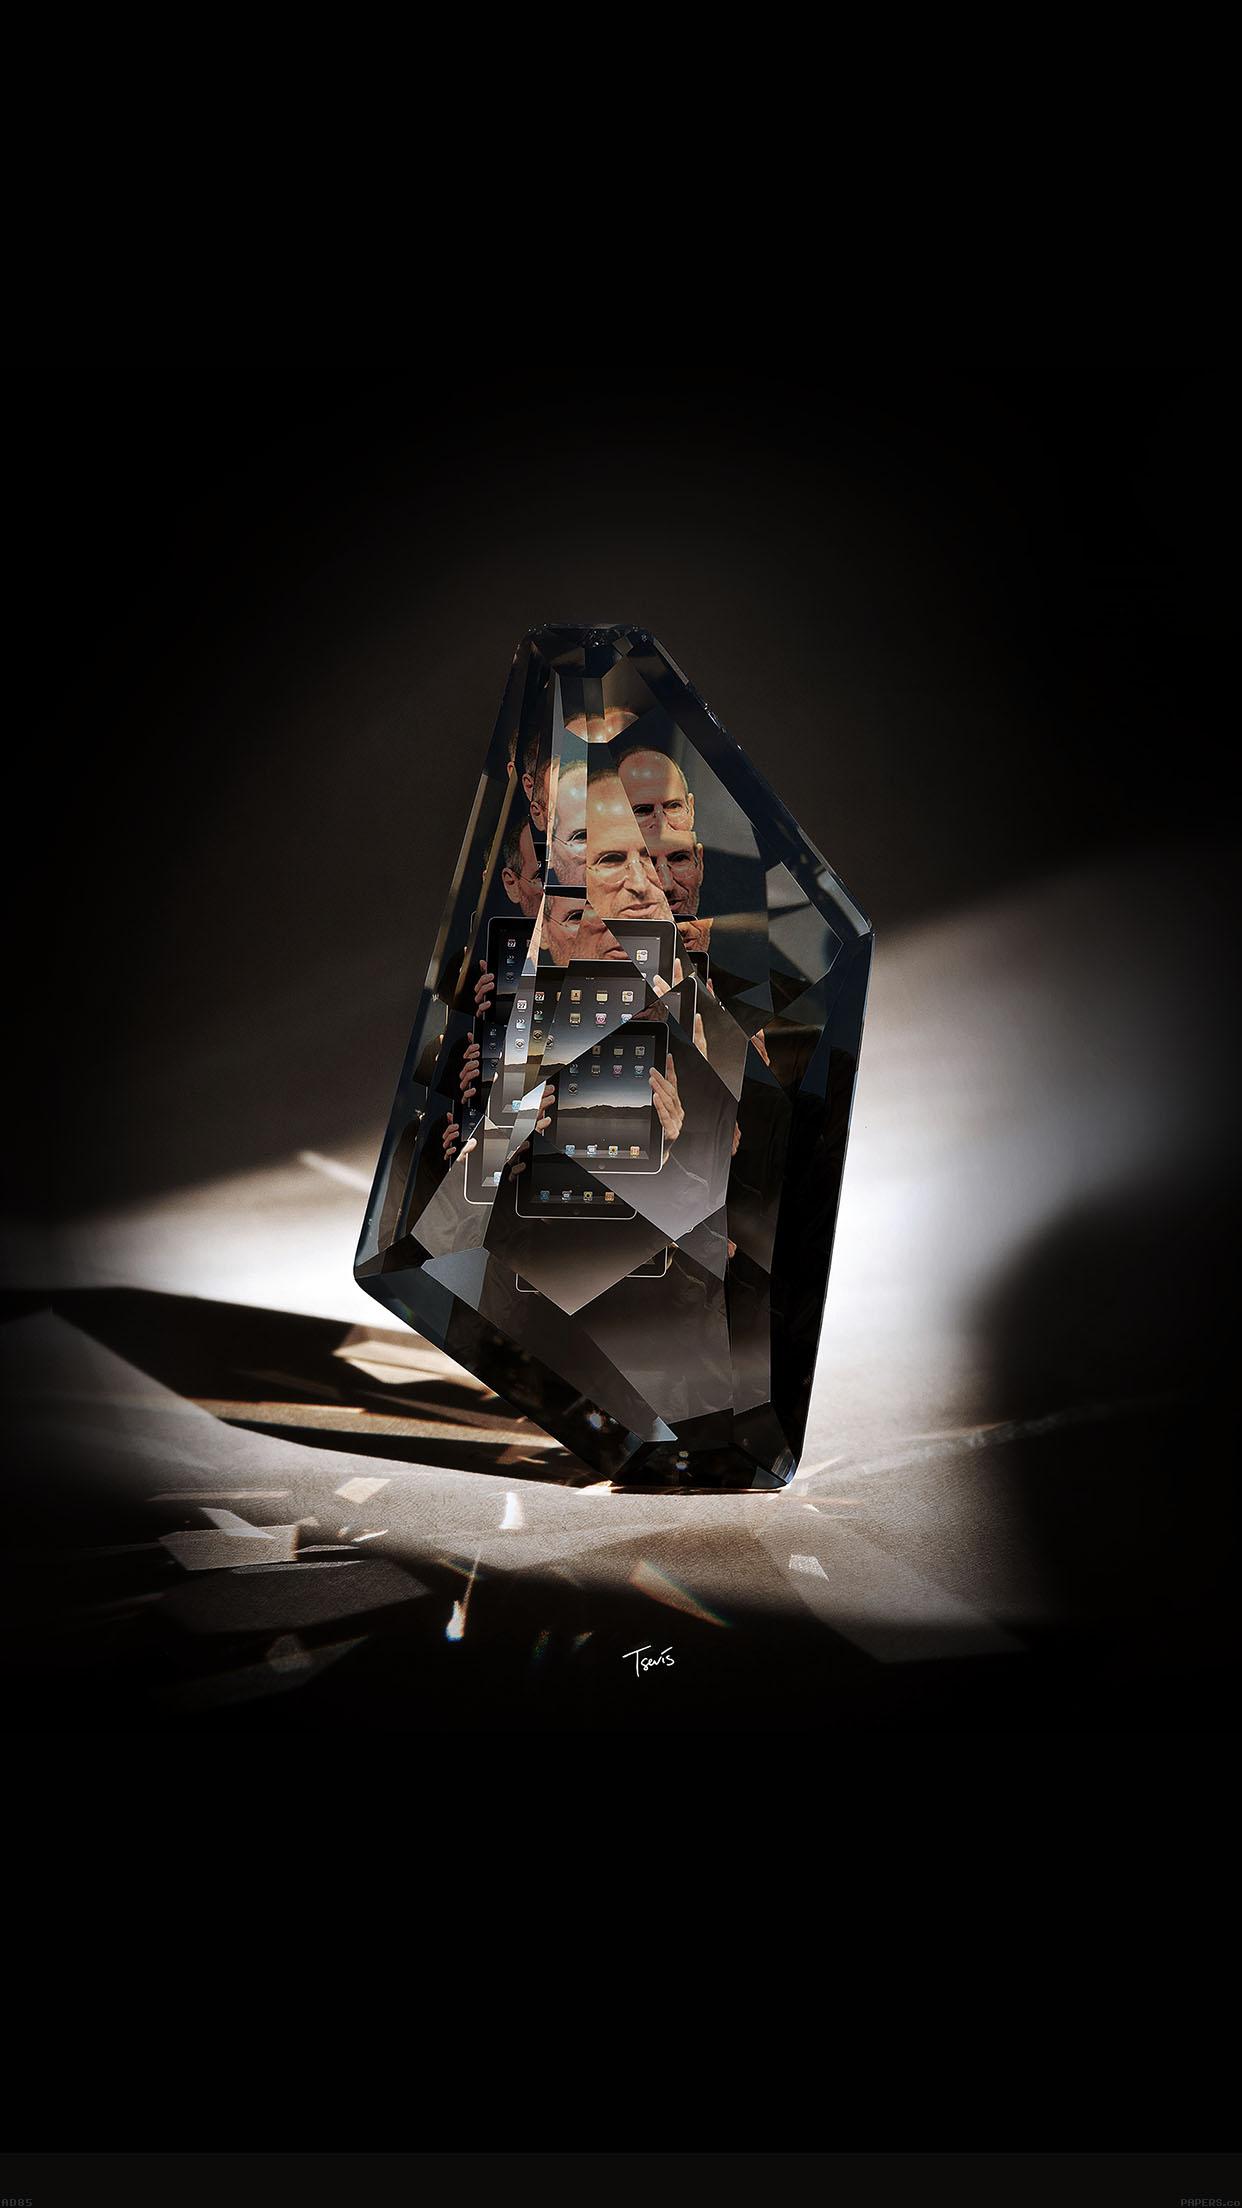 Iphone7papers Ad85 Steve Jobs Diamond Art Apple Ios8